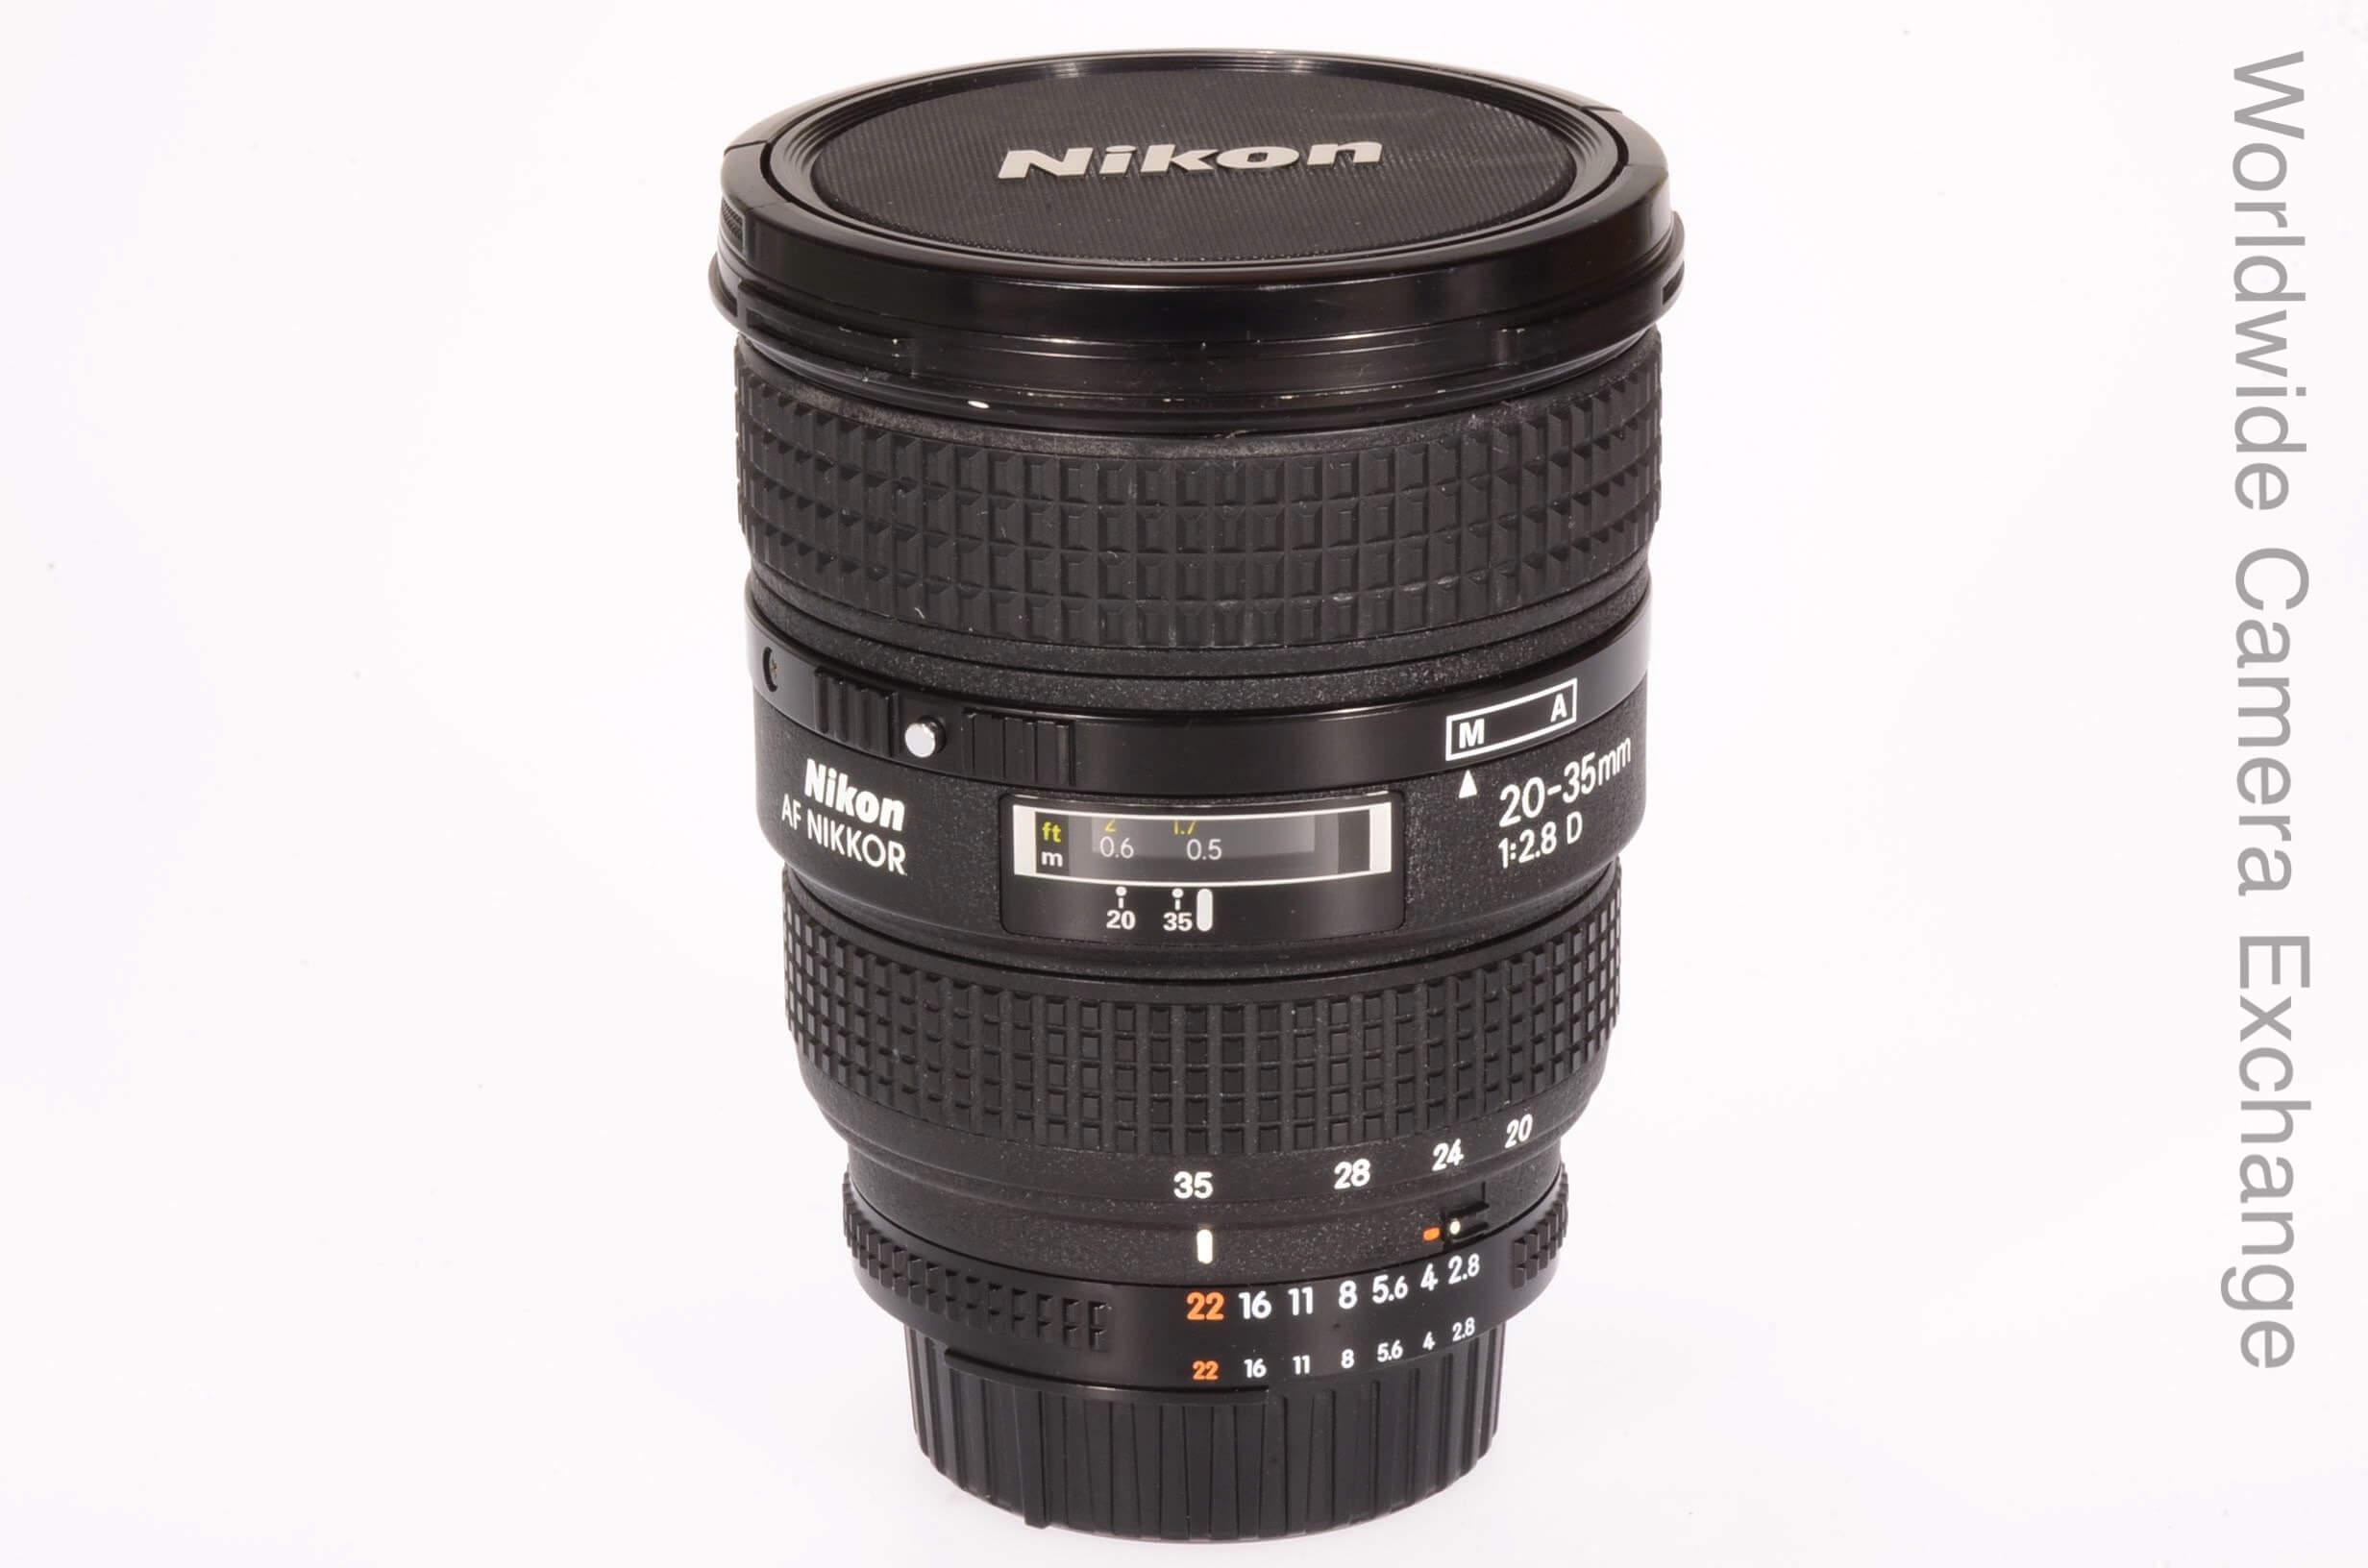 Nikon 20-35mm f2.8 AF D lens